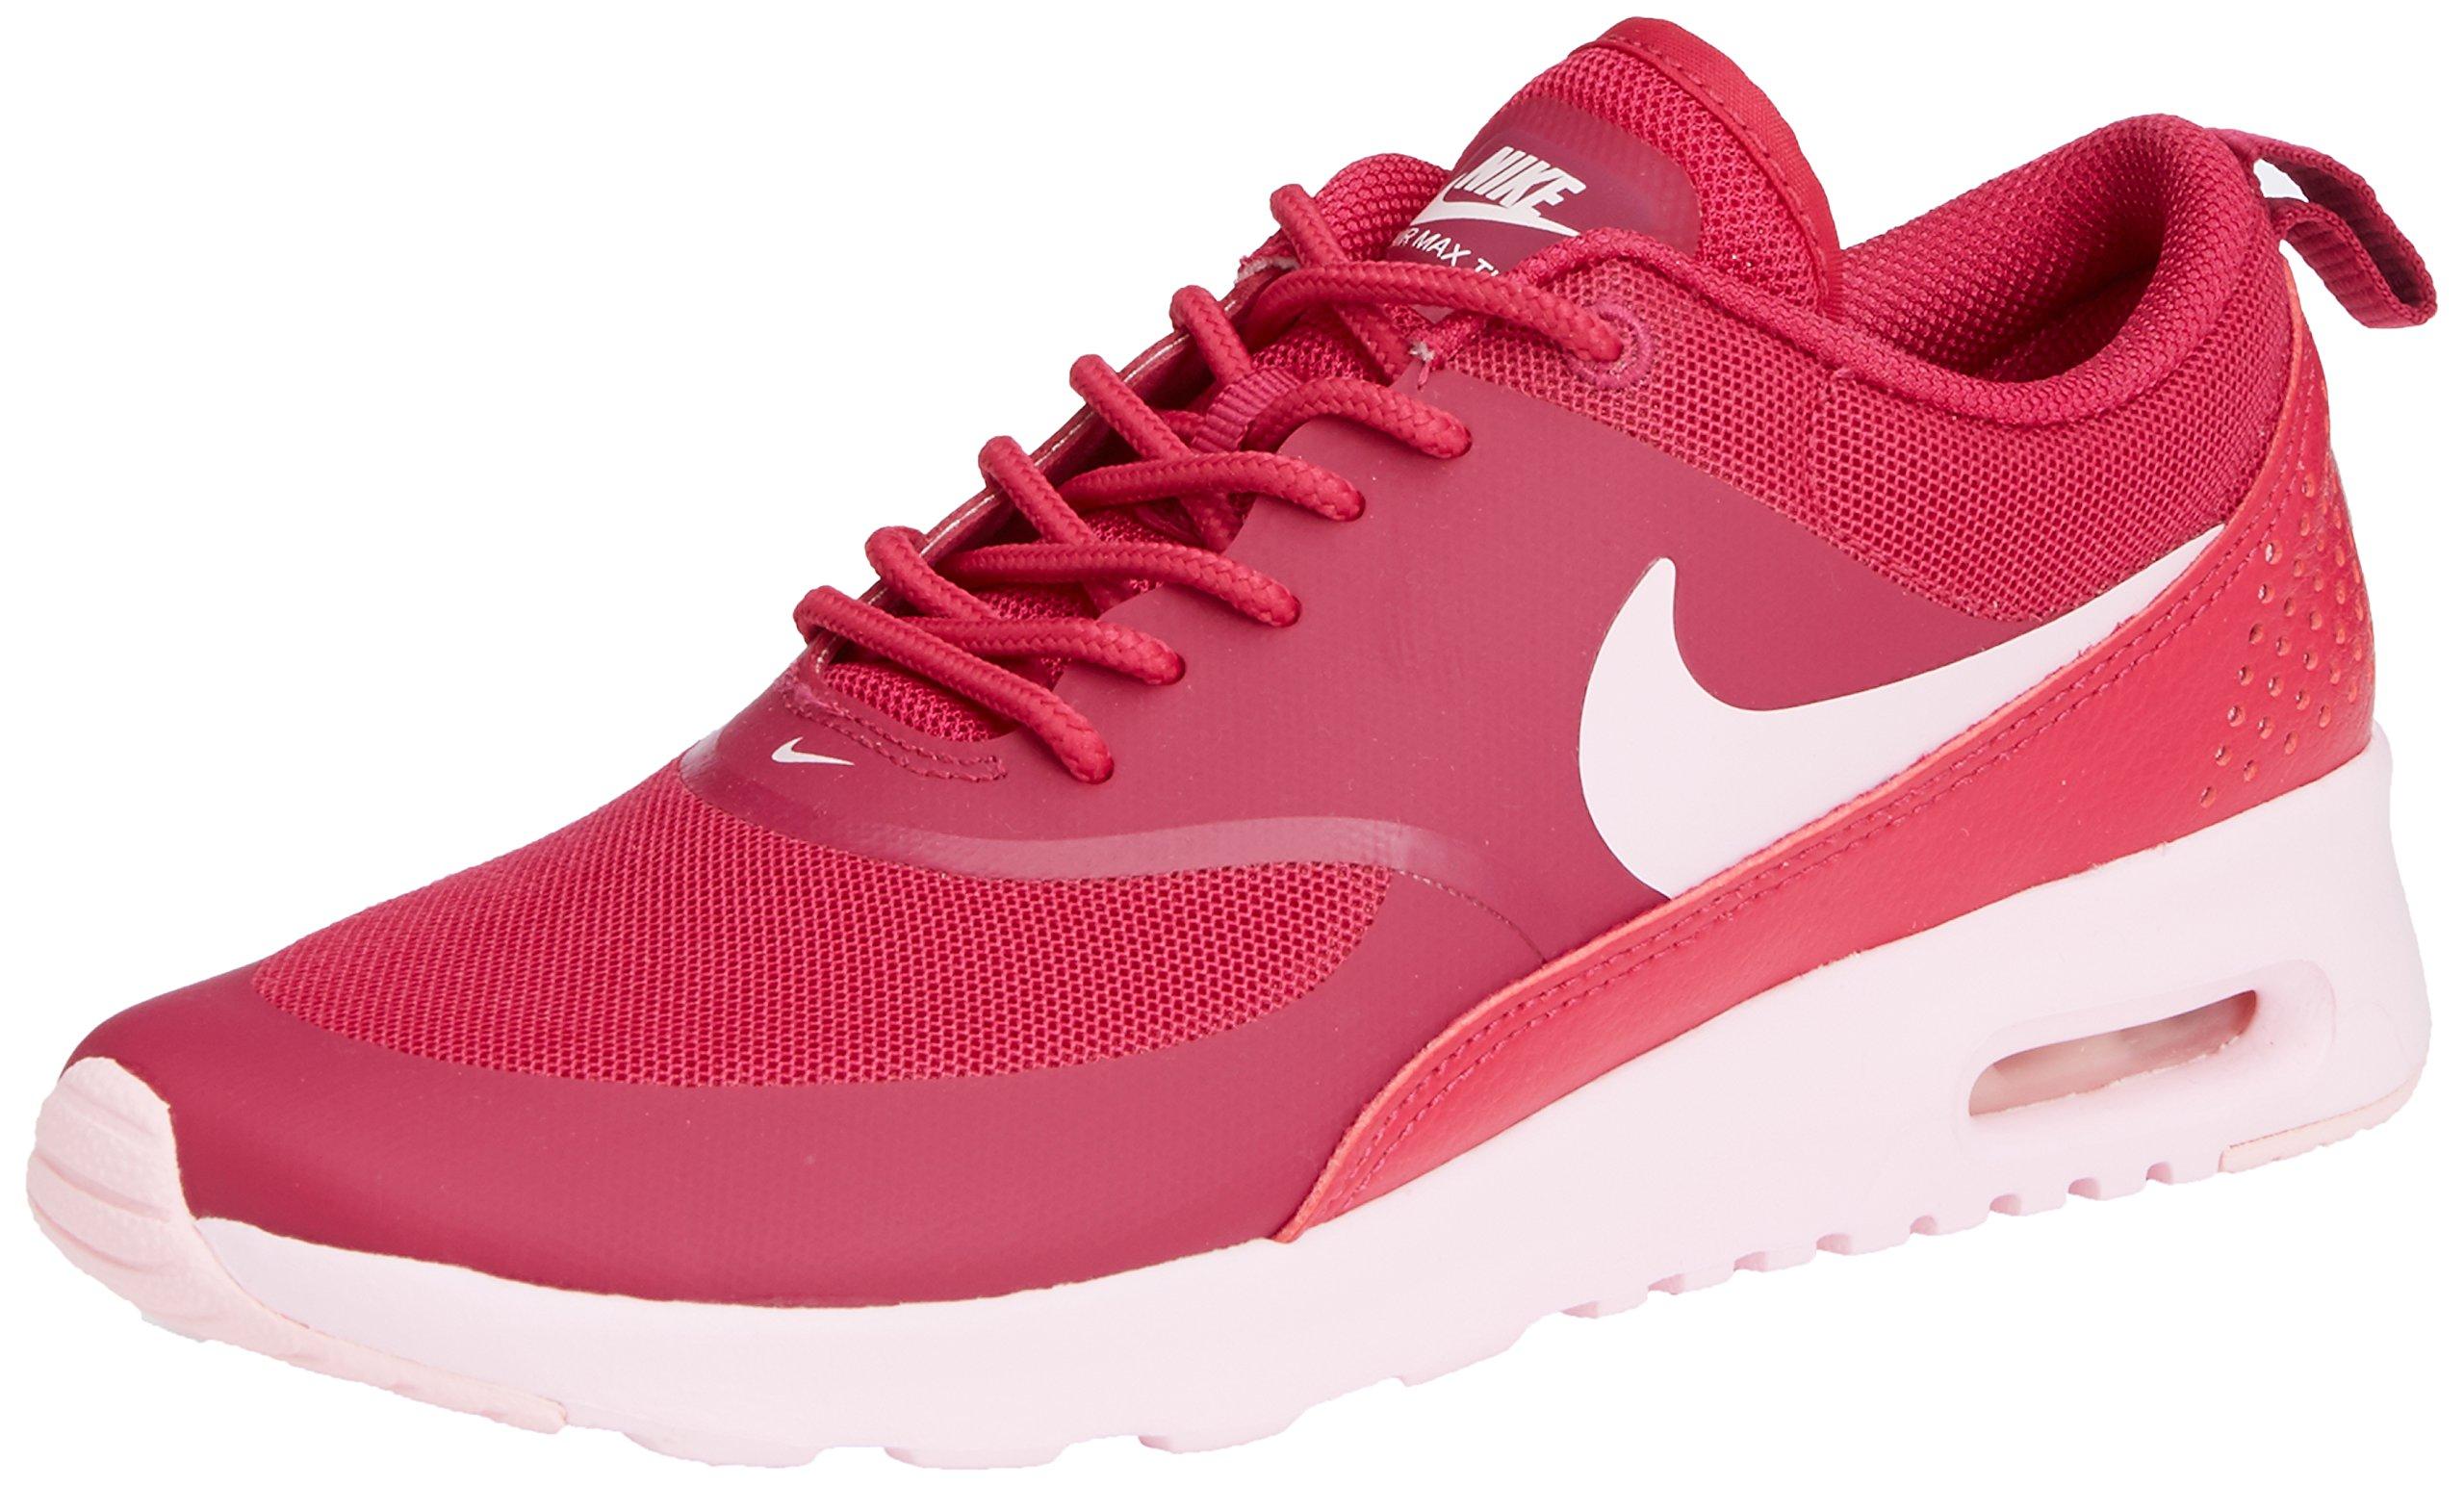 Nike Women's Air Max Thea Sport Fuchsia/Prism Pink Running Shoe 8 Women US